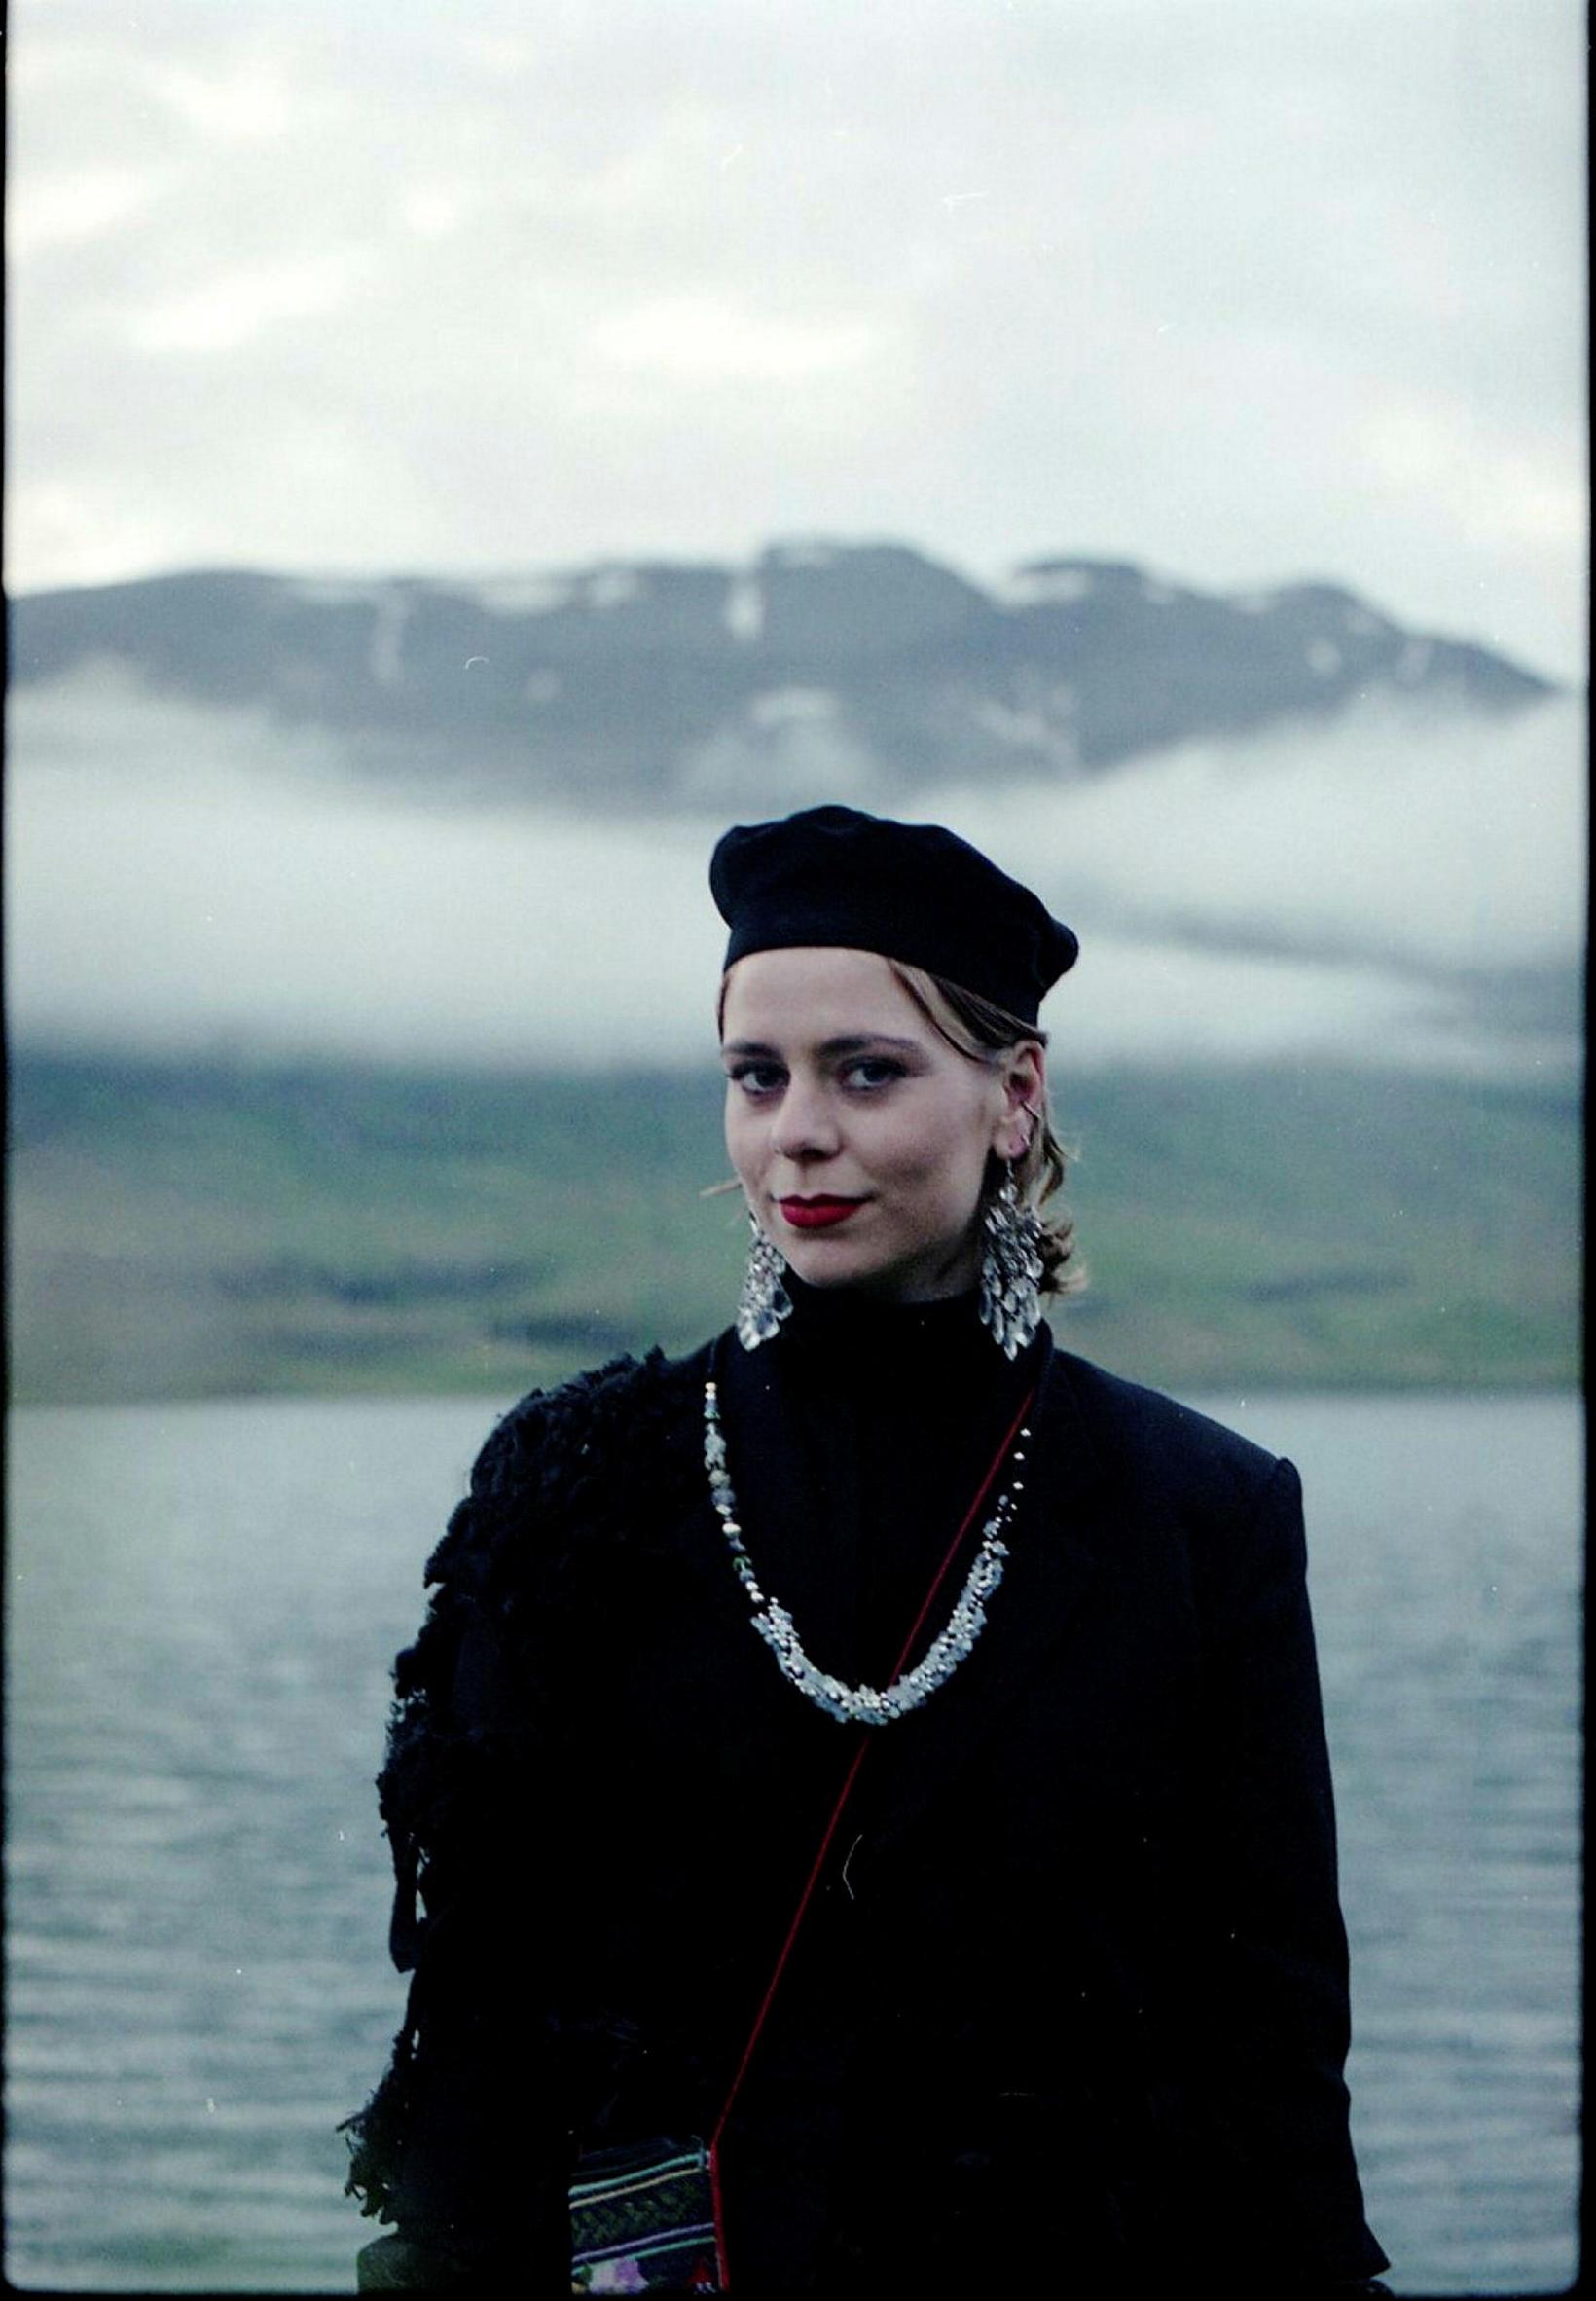 Dragdrottningin Bimini klæddist hönnun Ásu Bríetar á rauða dreglinum.